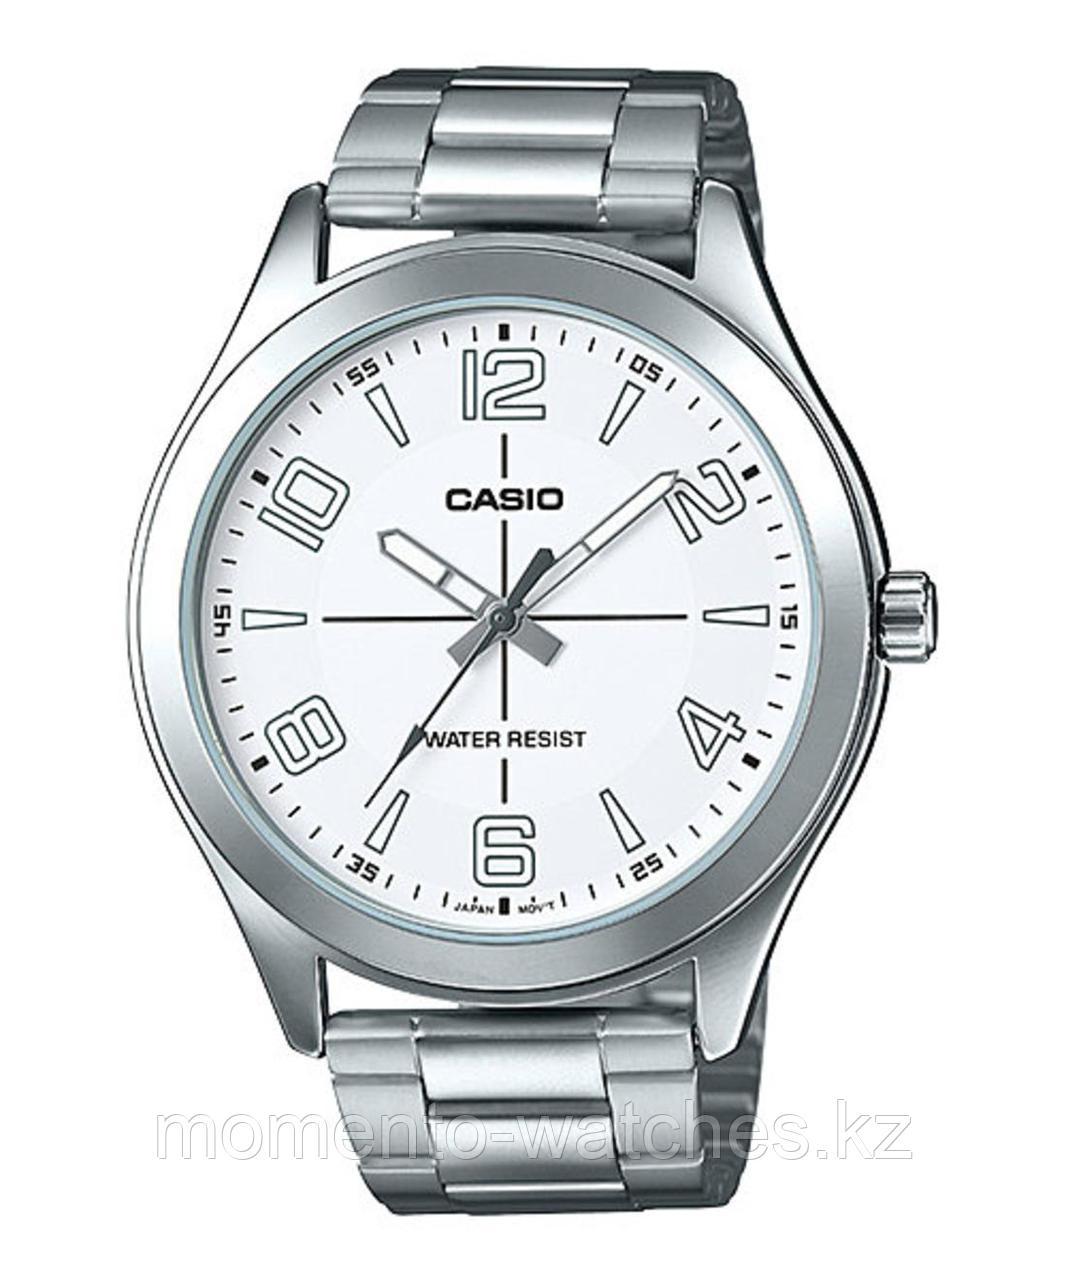 Мужские часы Casio MTP-VX01D-7BUDF